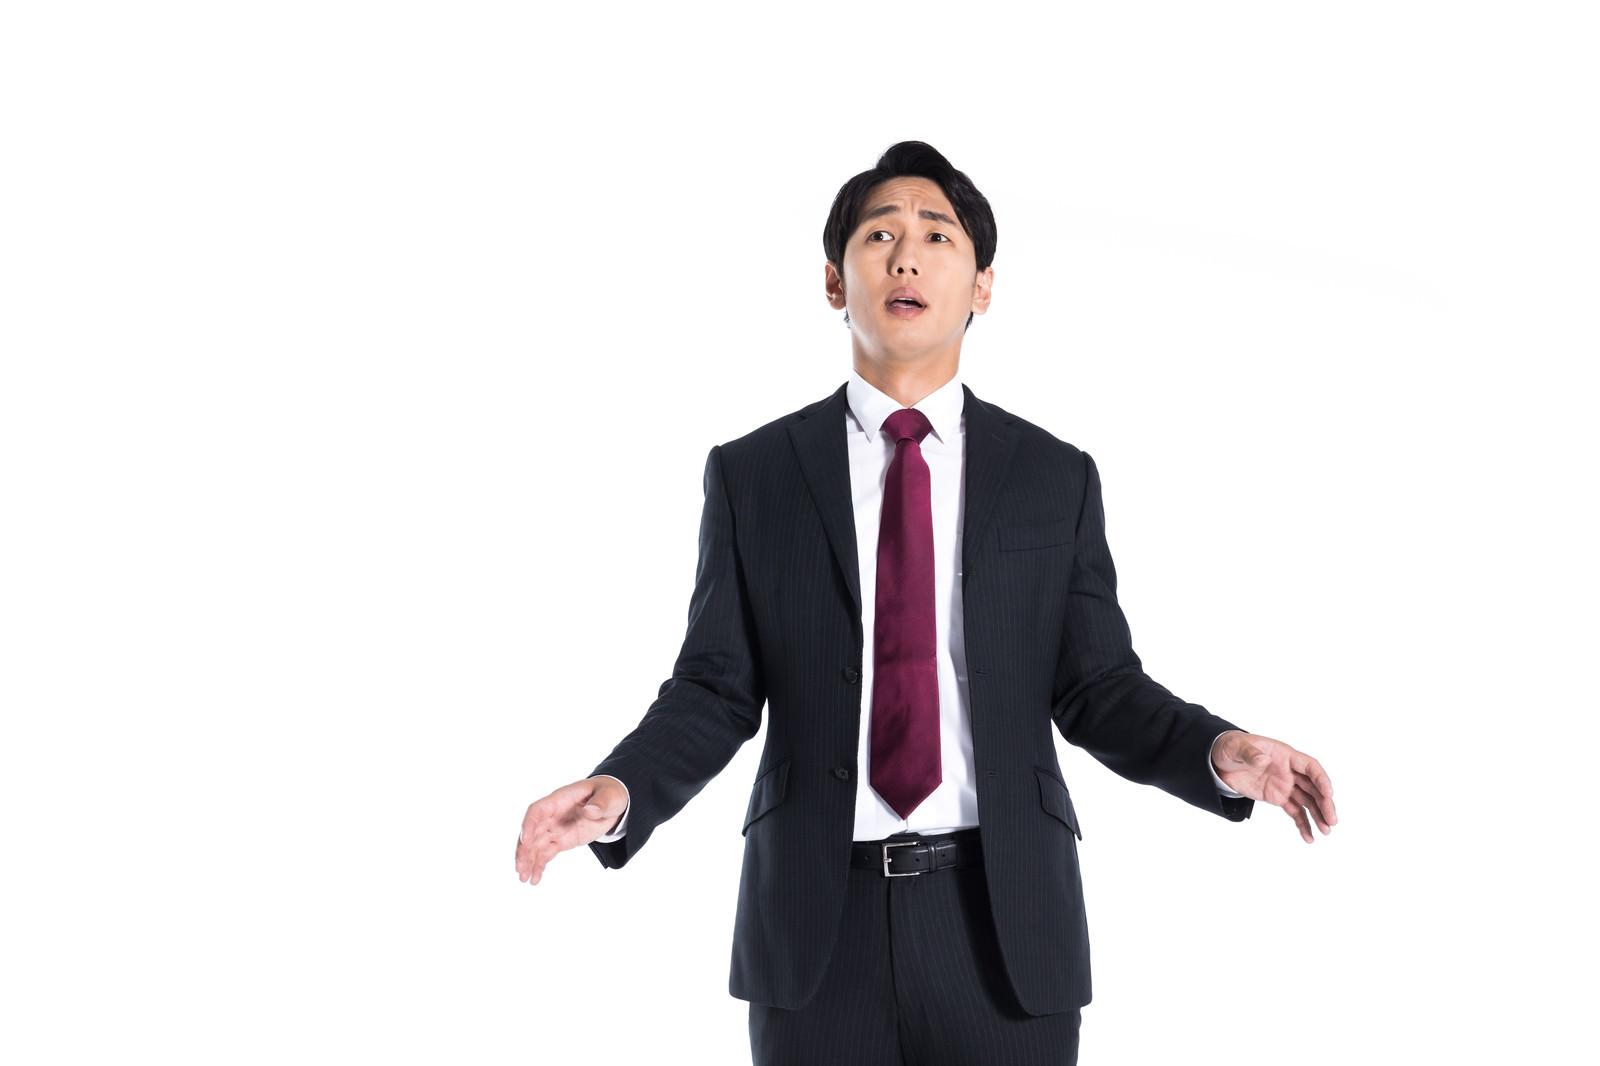 「コンペの結果発表が心配でオロオロする」の写真[モデル:大川竜弥]